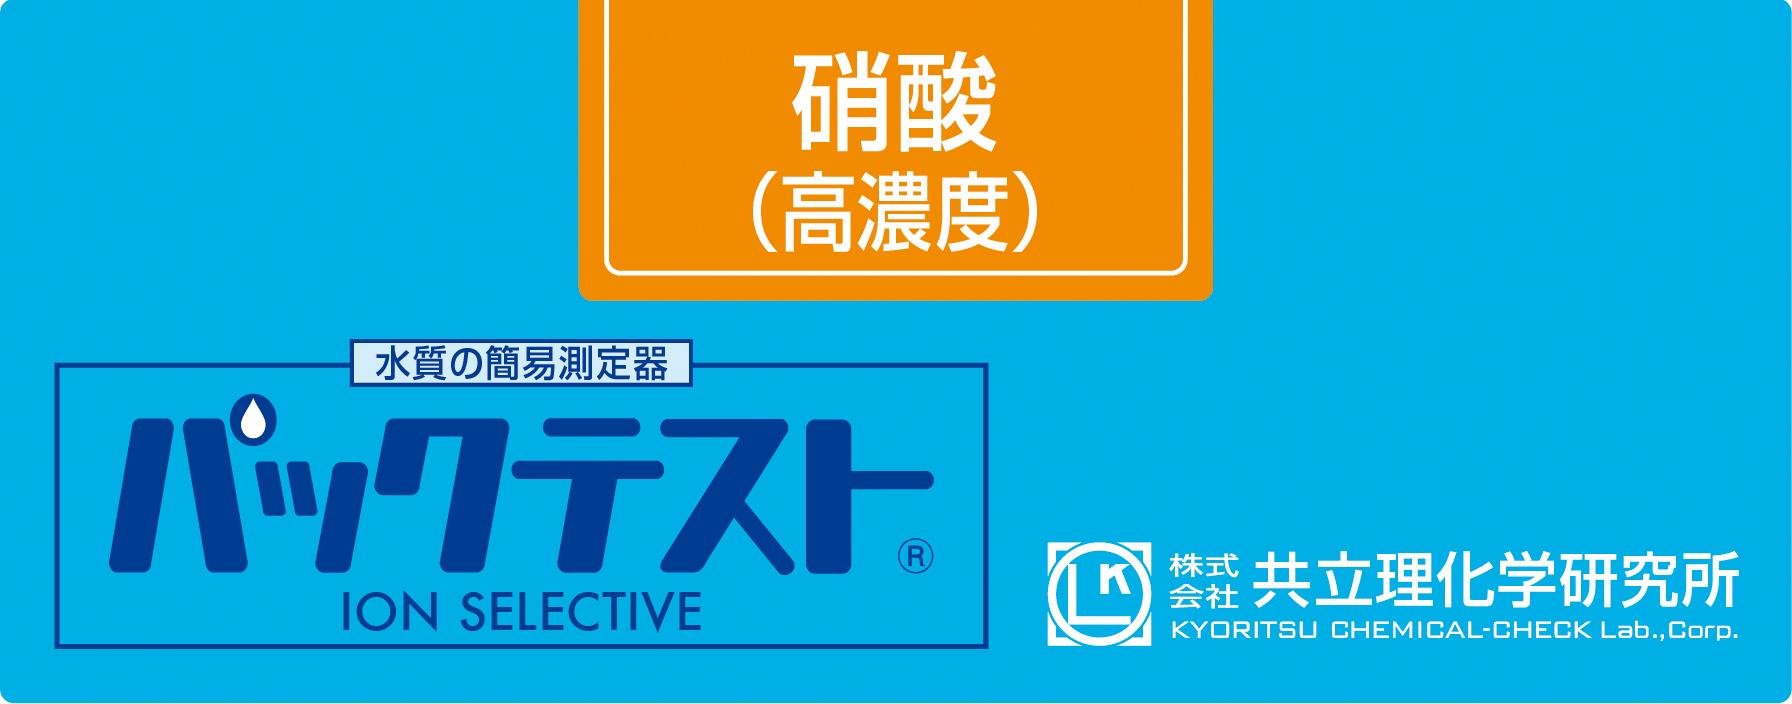 パックテスト 硝酸(高濃度)